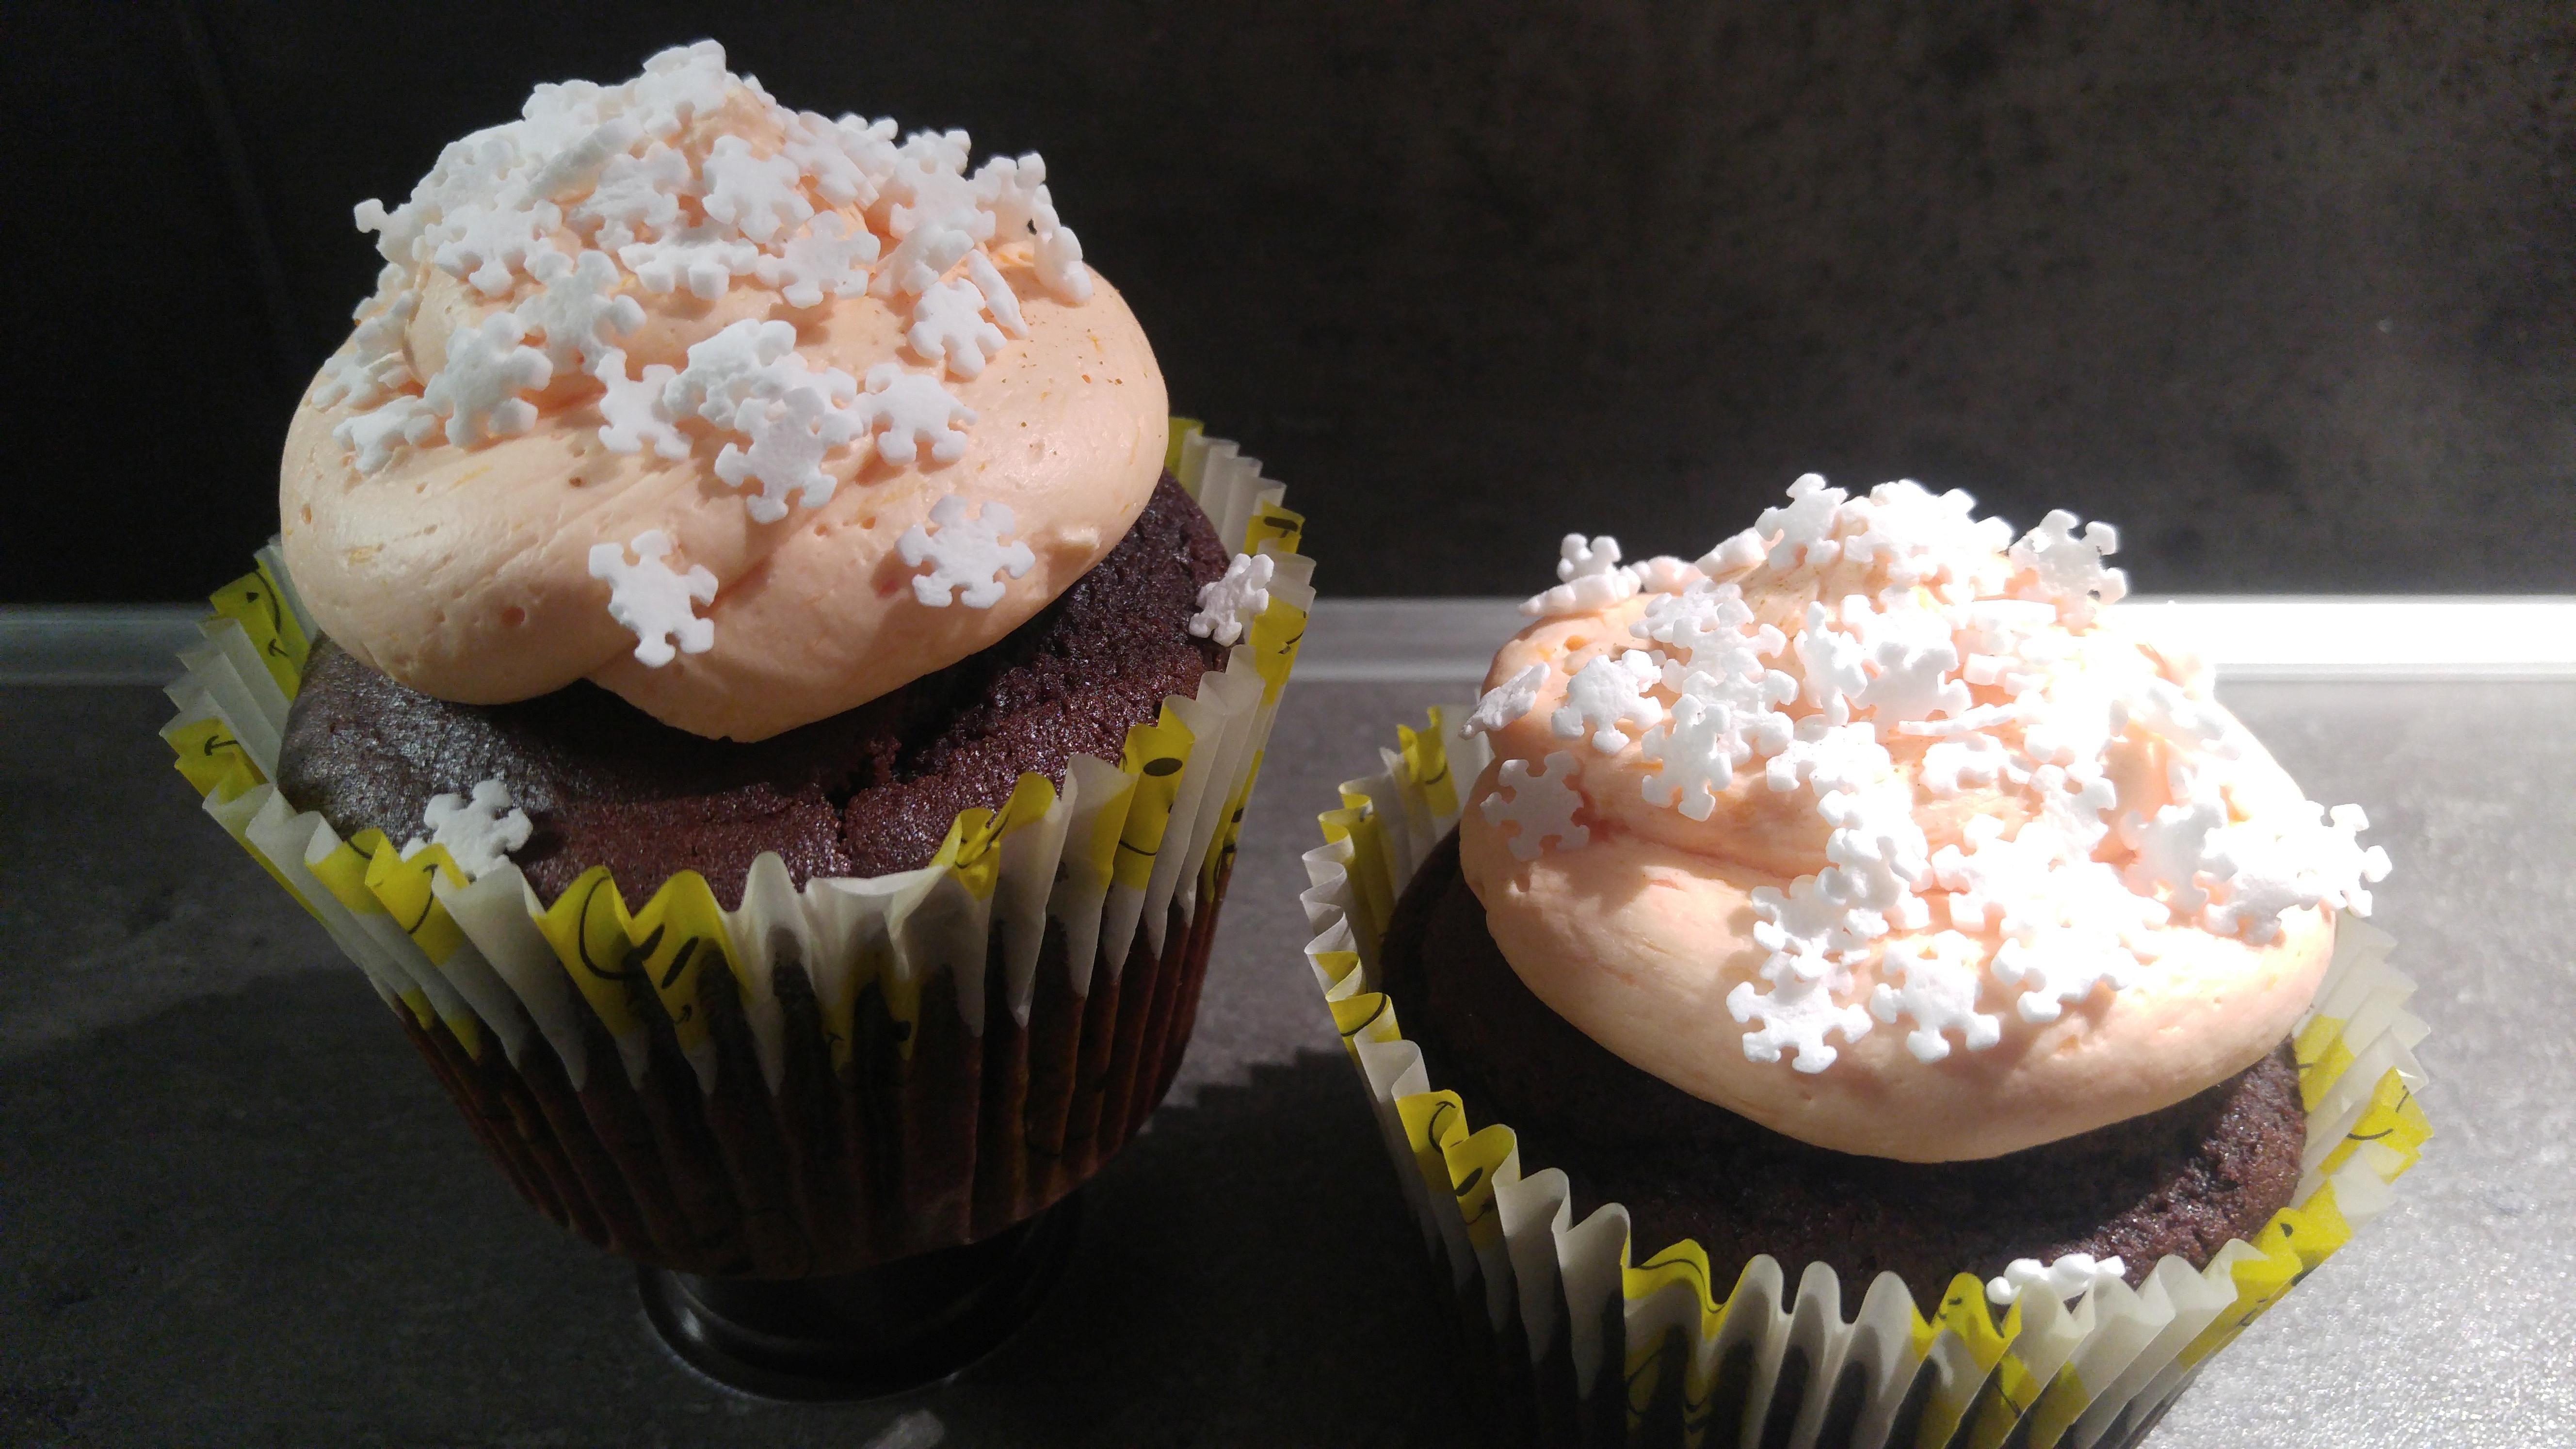 Blutorangenbuttercreme und Rote-Bete-Muffins